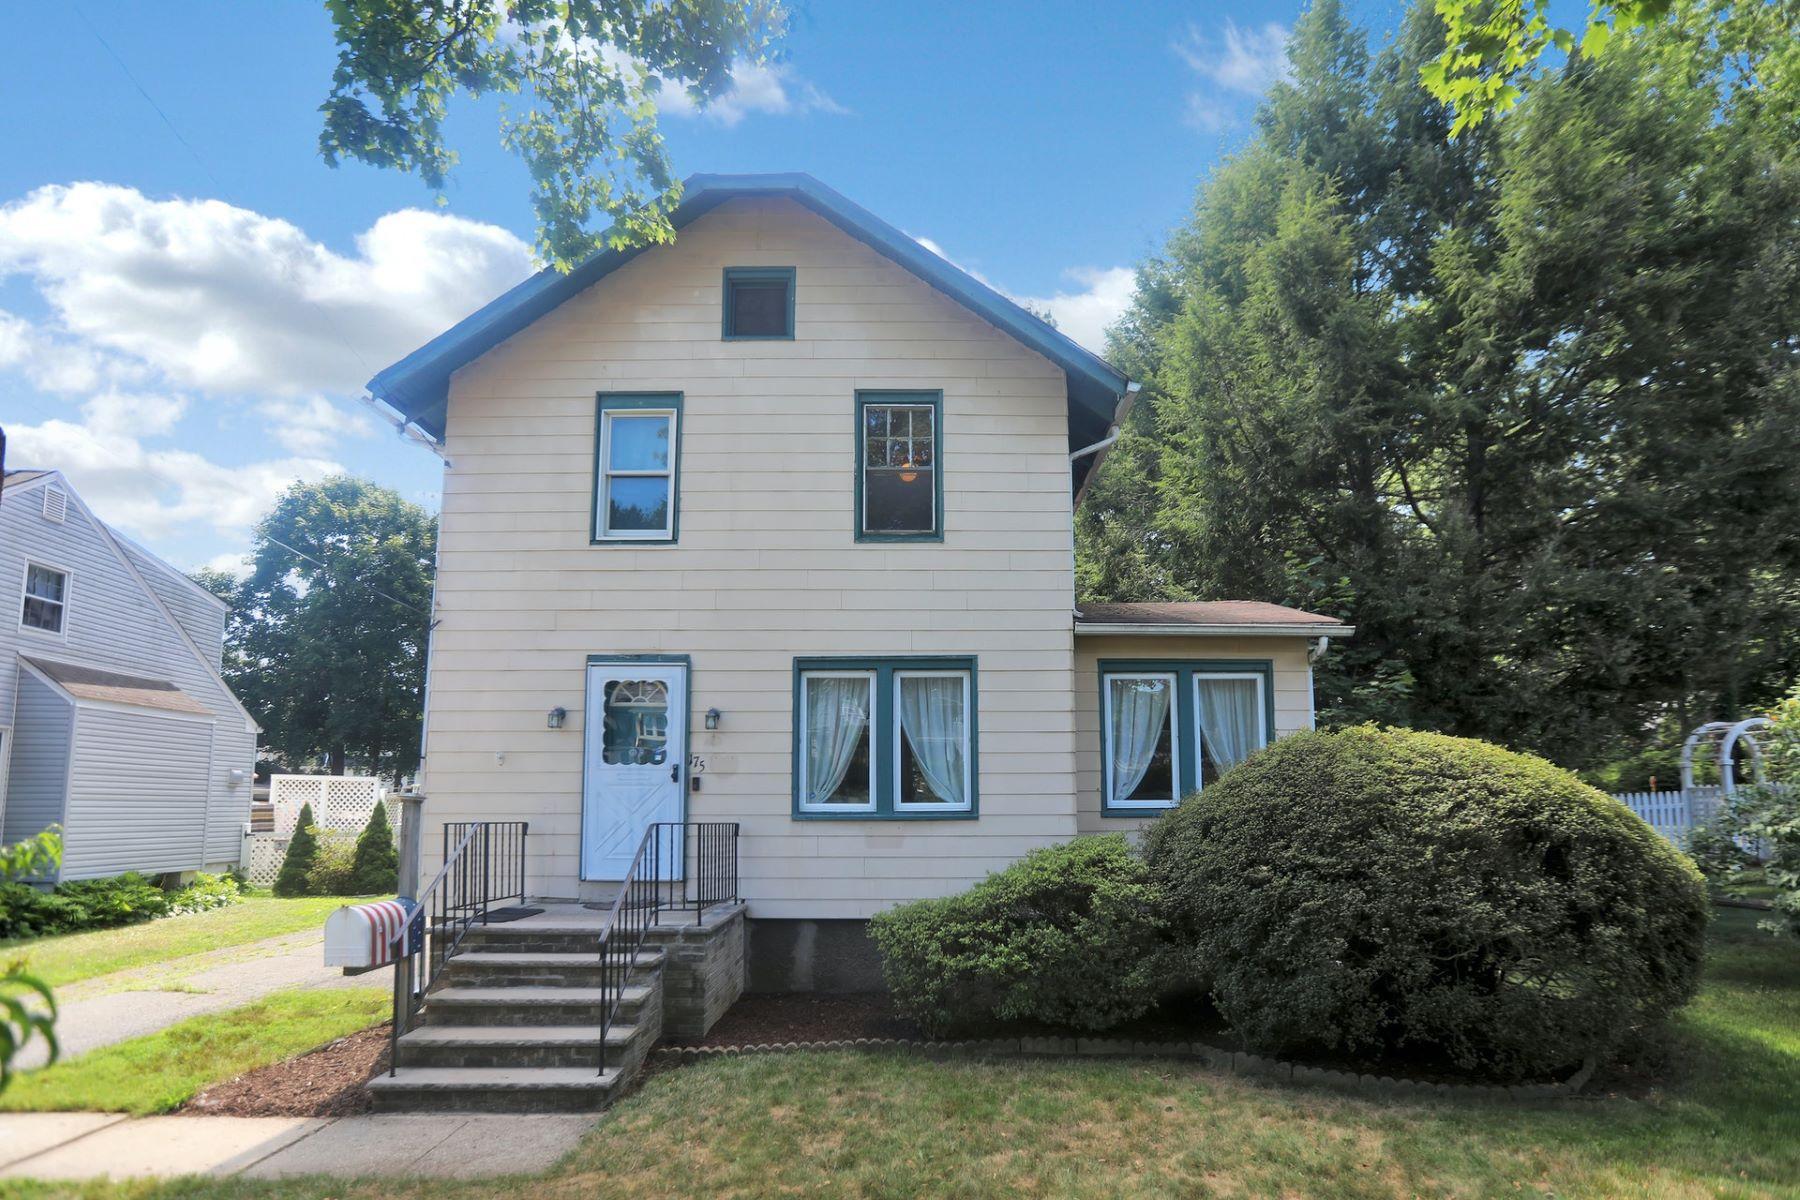 Single Family Homes för Försäljning vid Welcome home to 175 Magnolia 175 Magnolia Ave, Hillsdale, New Jersey 07642 Förenta staterna